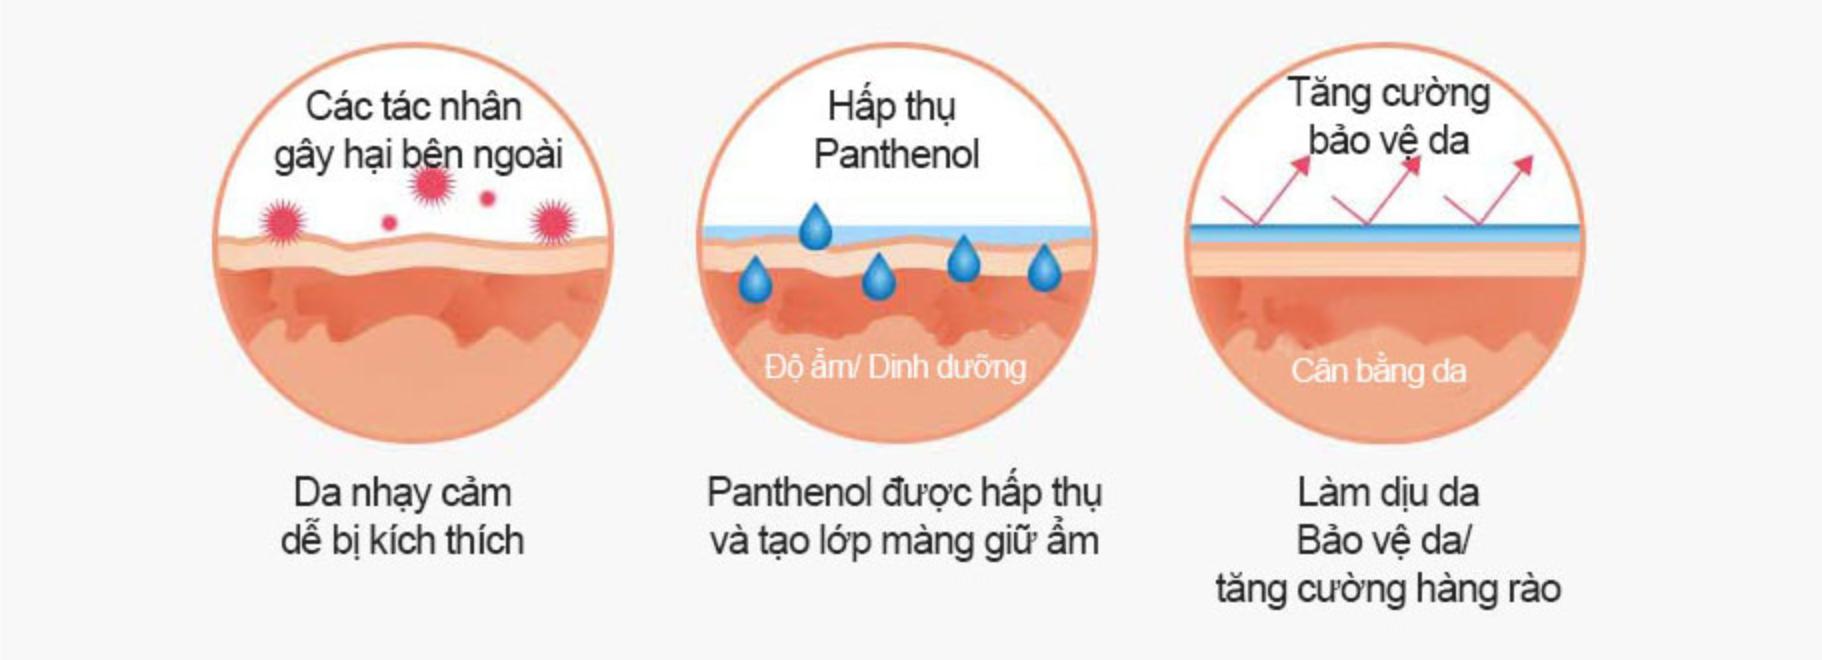 cong dung panthenol vitamin b5